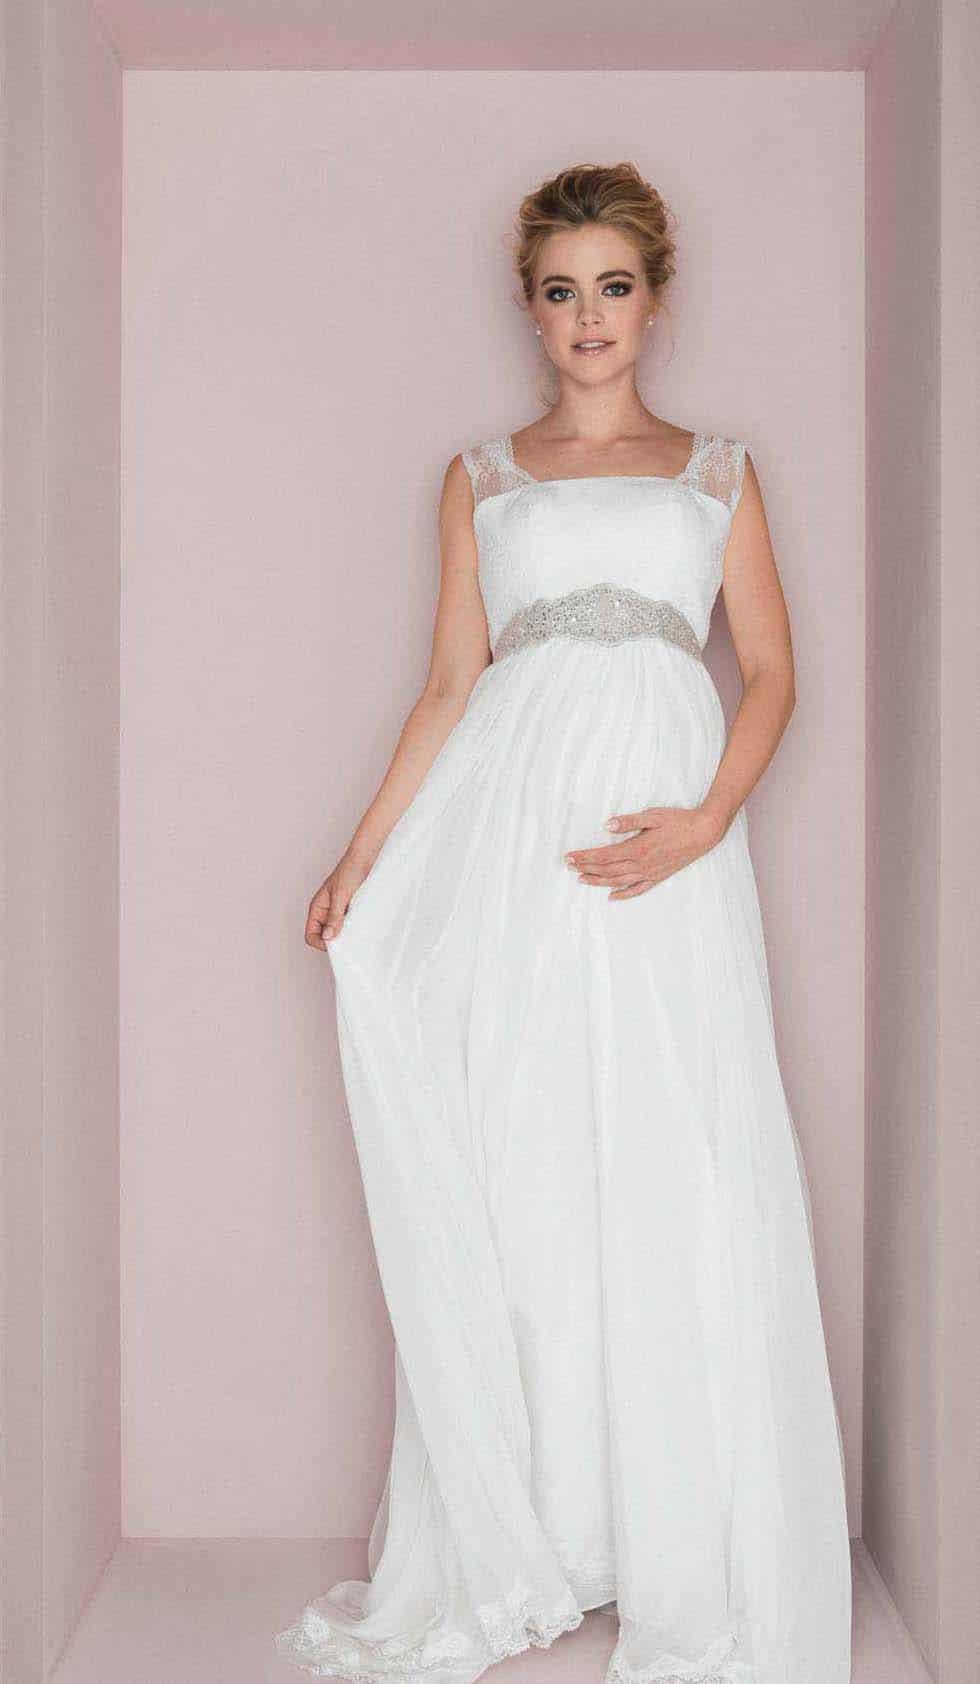 Hochzeitskleid Schwanger  Hochzeittrauungparty